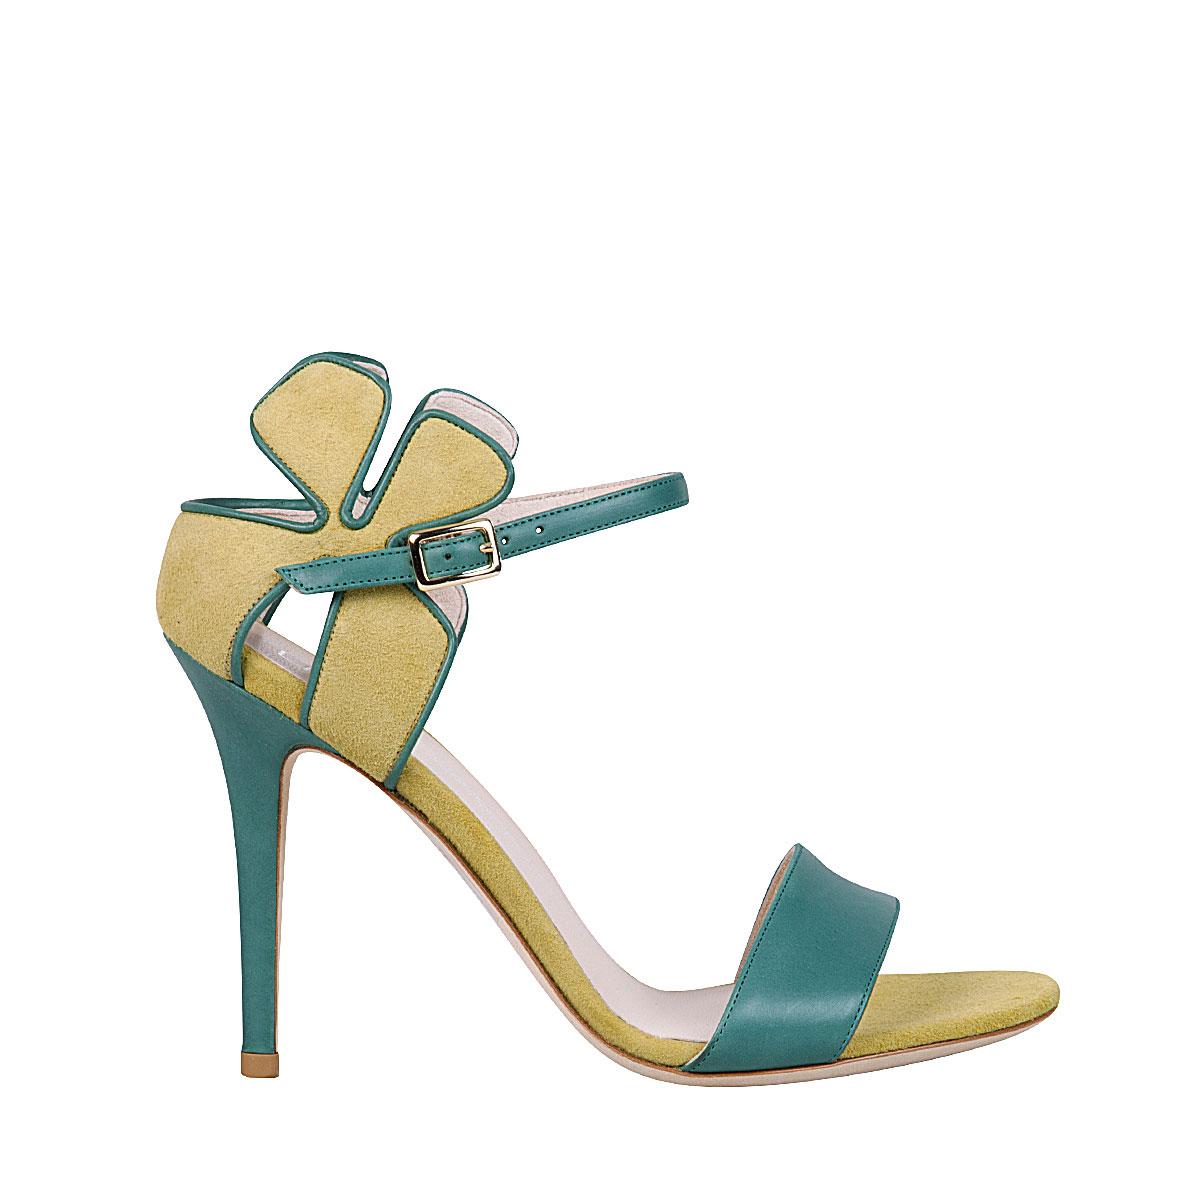 Lella Baldi - Daisy Sandal green